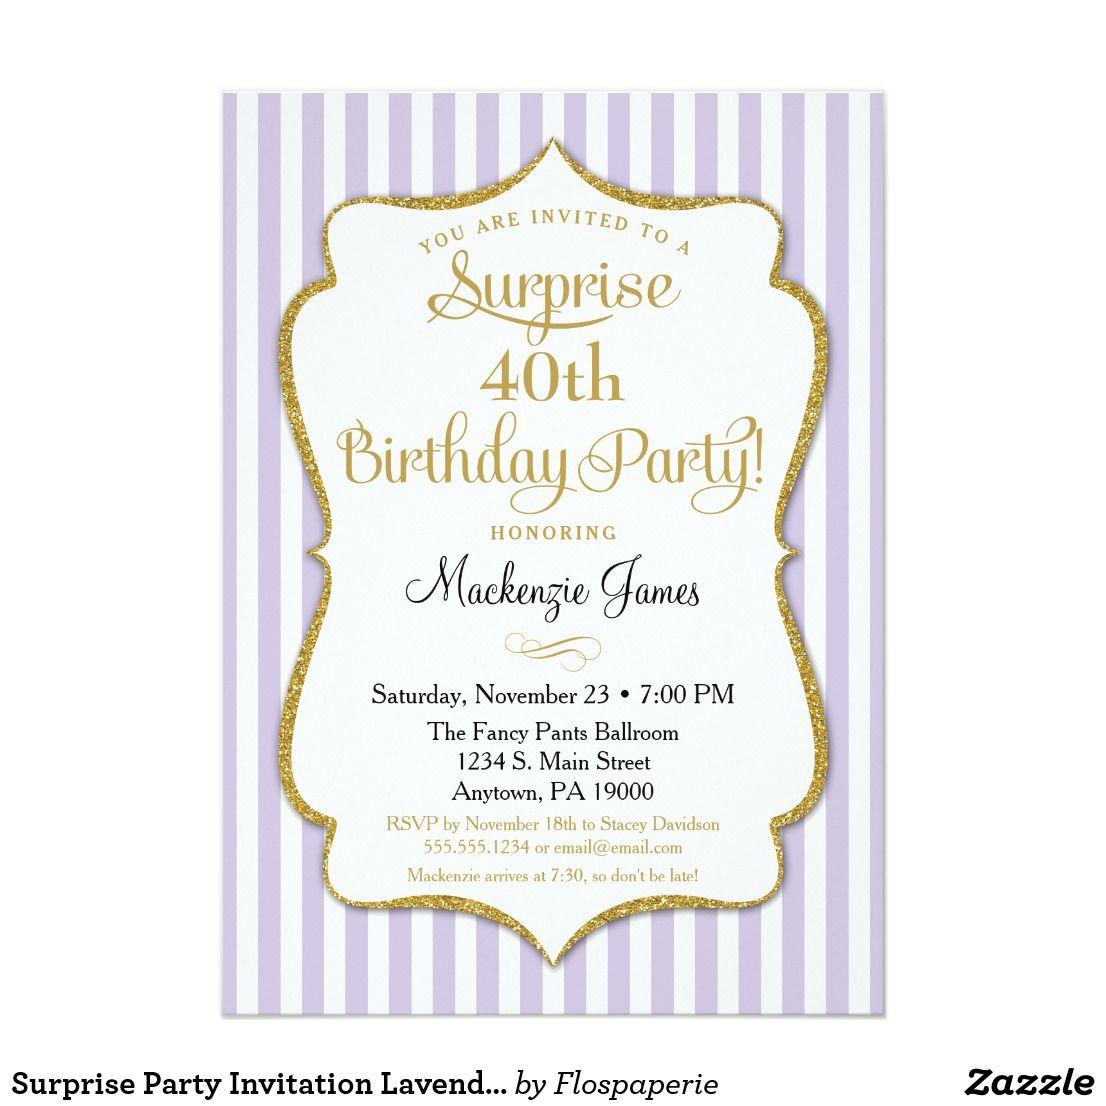 Surprise Party Invitation Lavender Lilac Gold | Surprise party ...